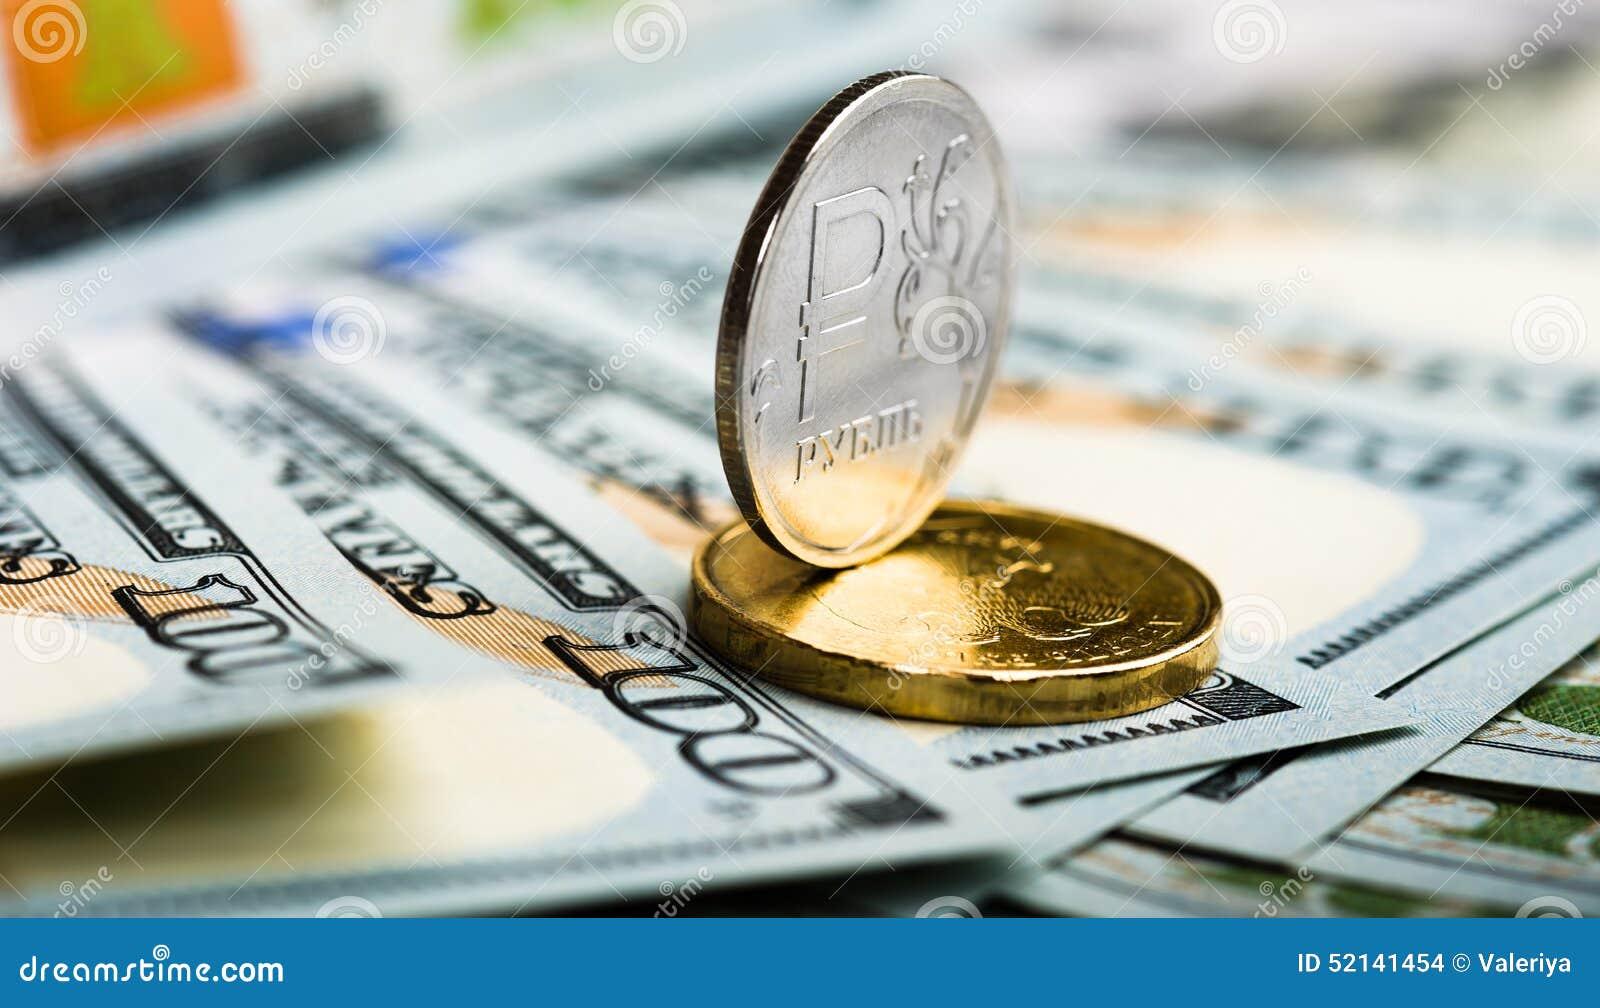 Что будет с курсом рубля если цб понизит ставку